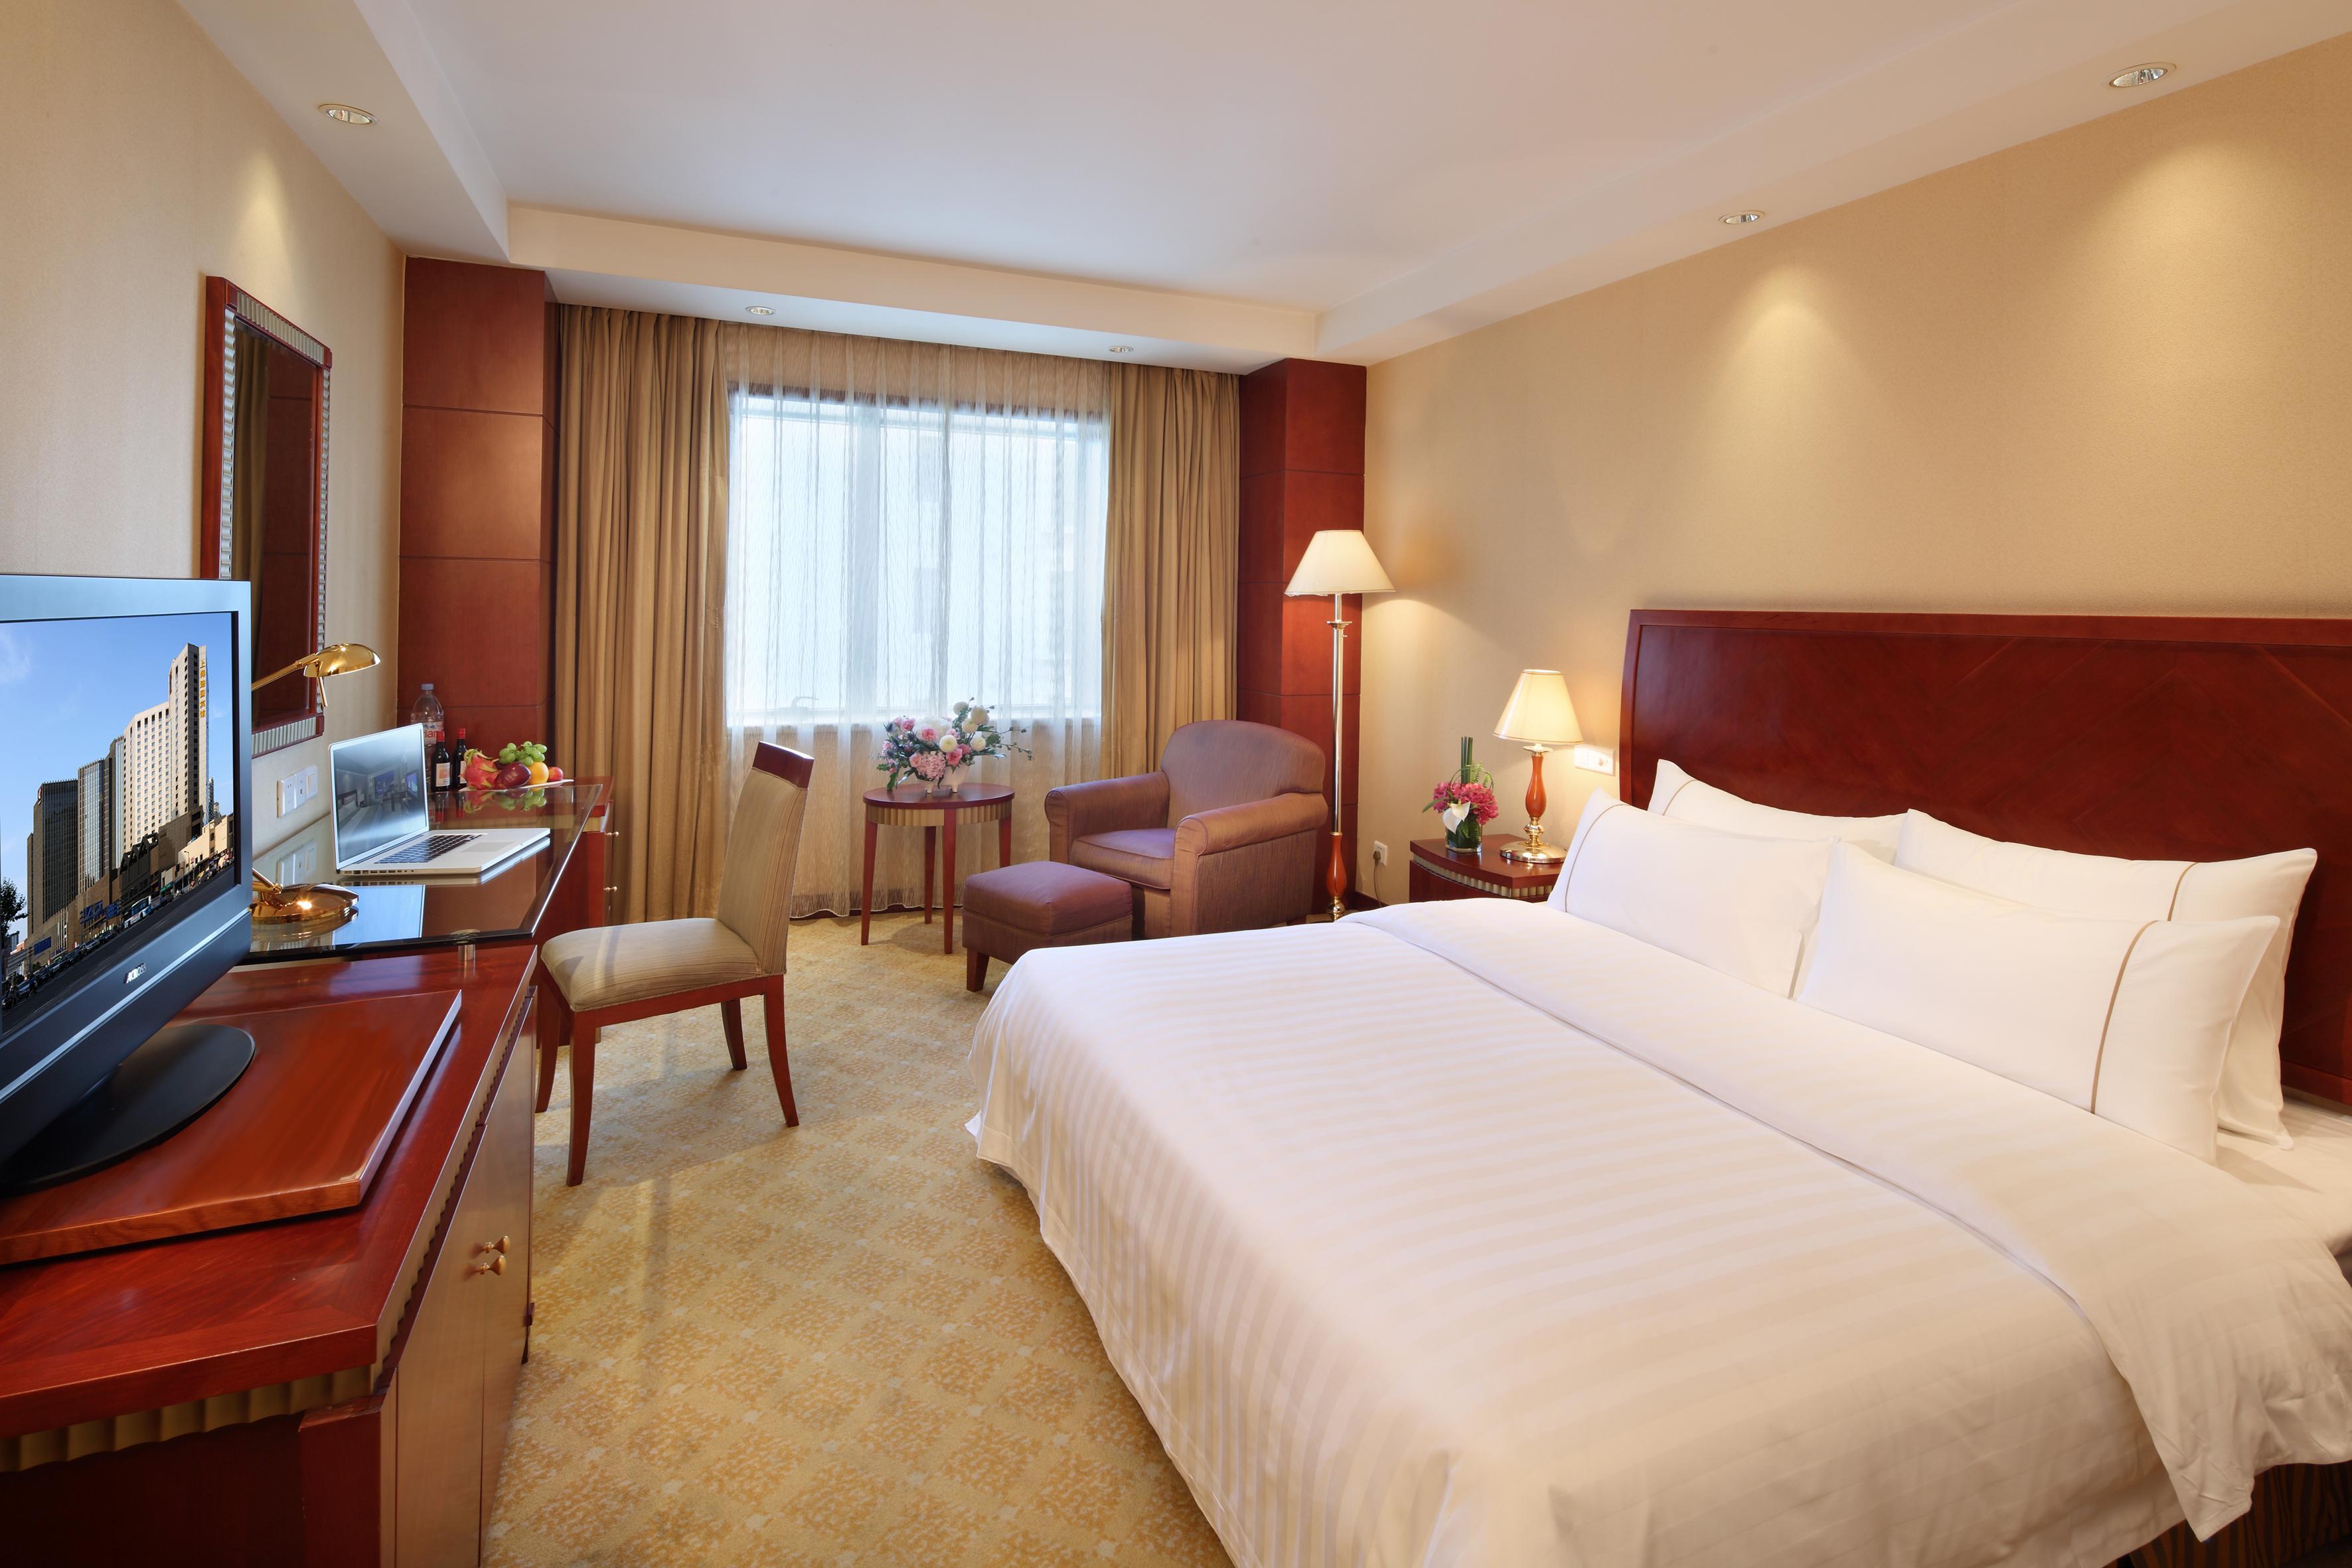 锦江建国宾馆预订, 上海锦江建国宾馆地址,电话,价格查询 锦江旅行家